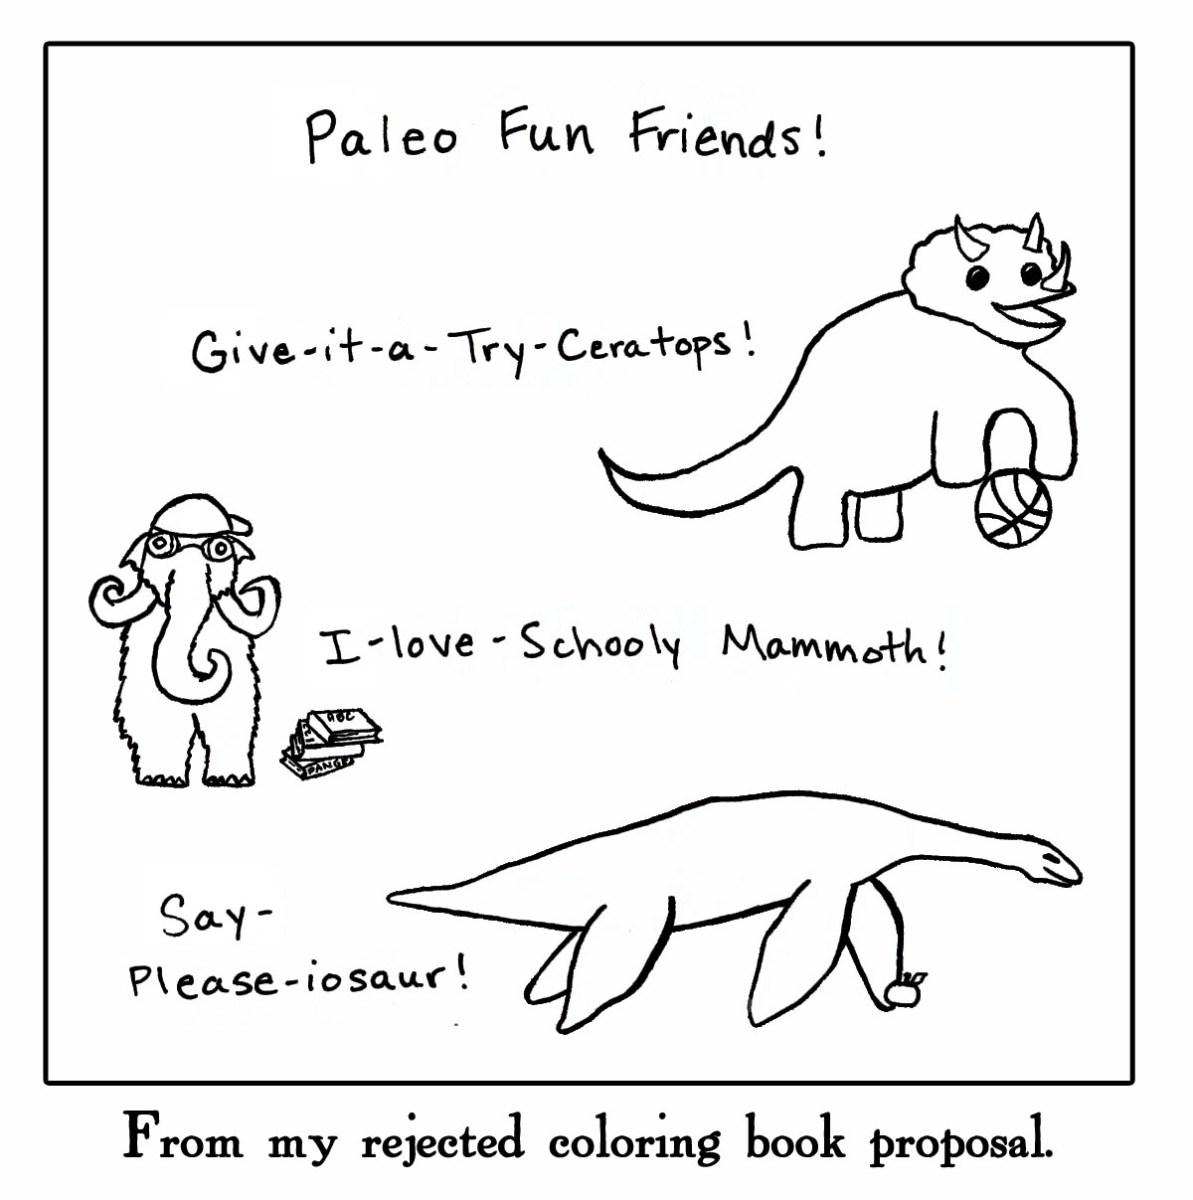 Paleo Fun Friends!